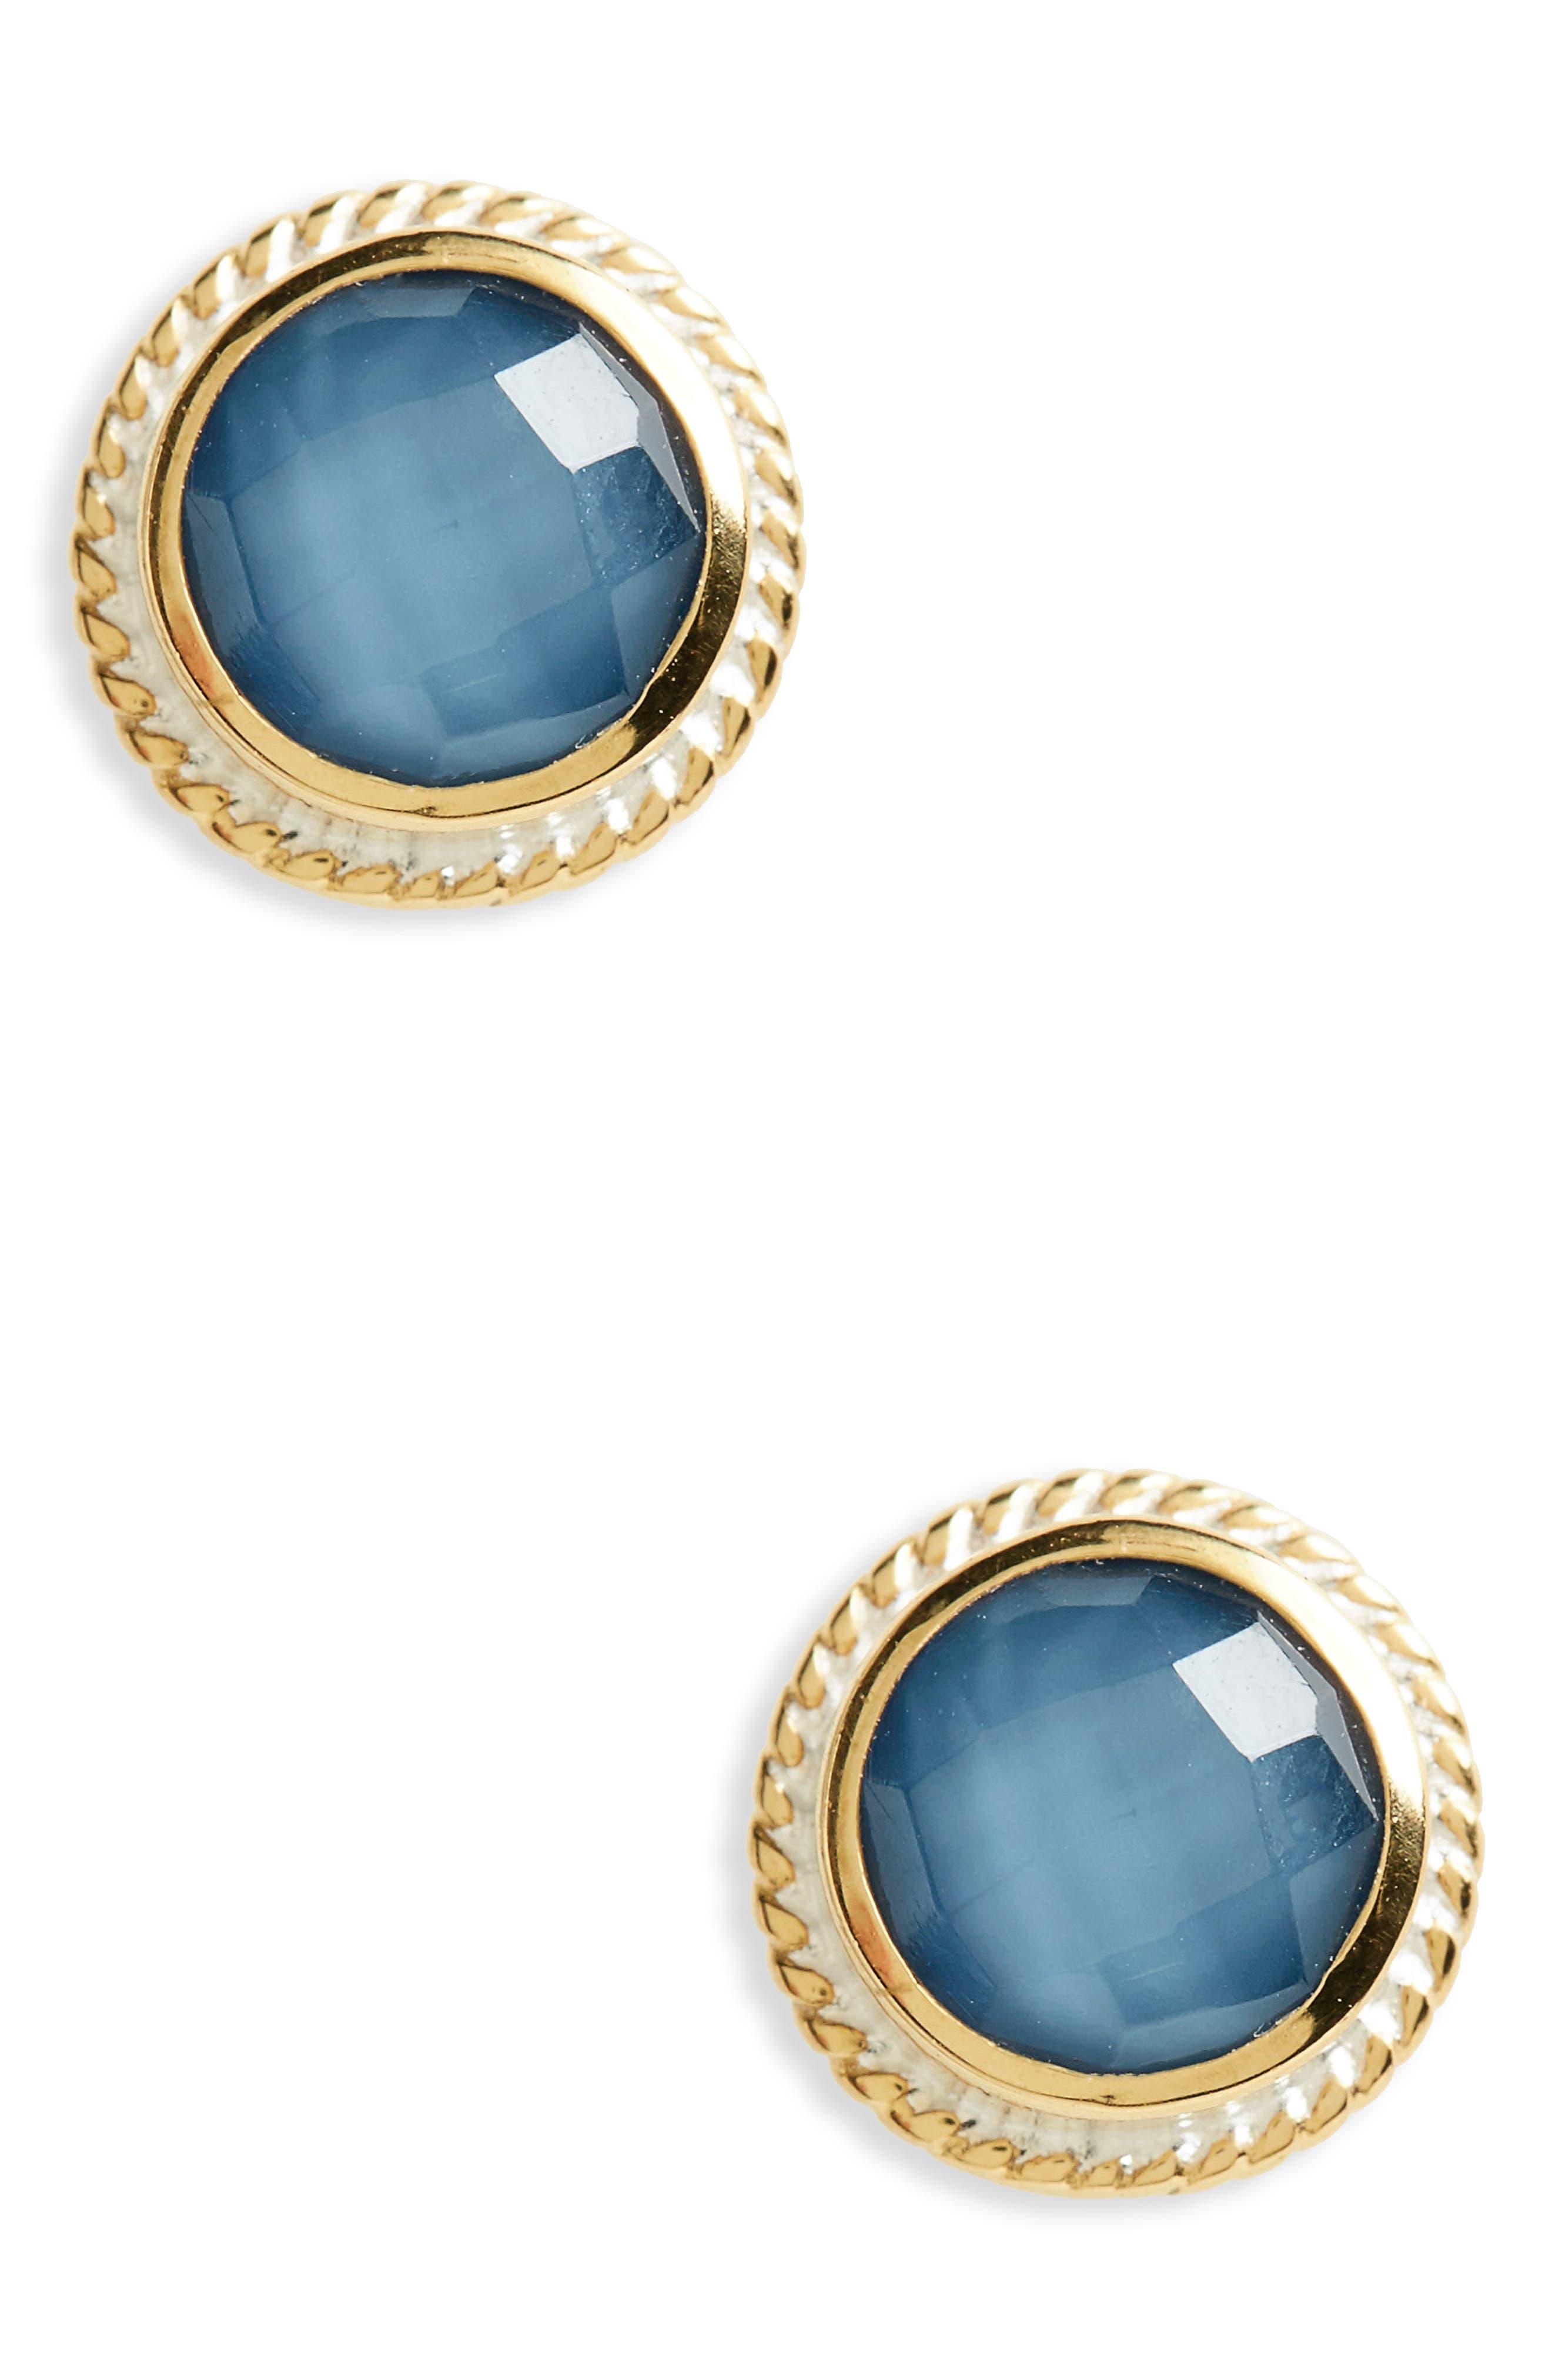 Stone Stud Earrings,                             Main thumbnail 1, color,                             Gold/ Blue Quartz